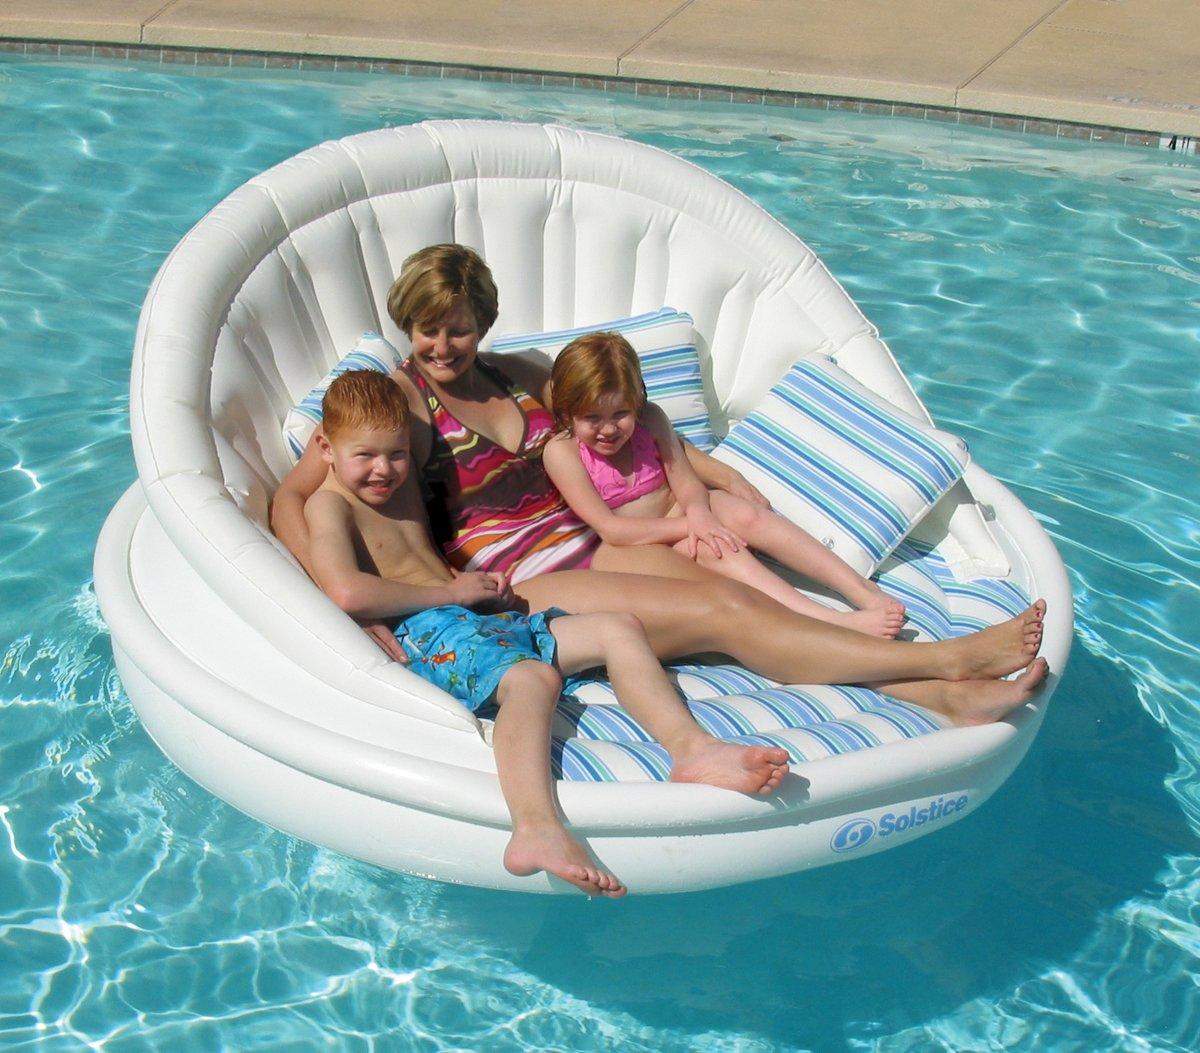 Solstice Aqua Sofa 2 Person Lounge by Swimline